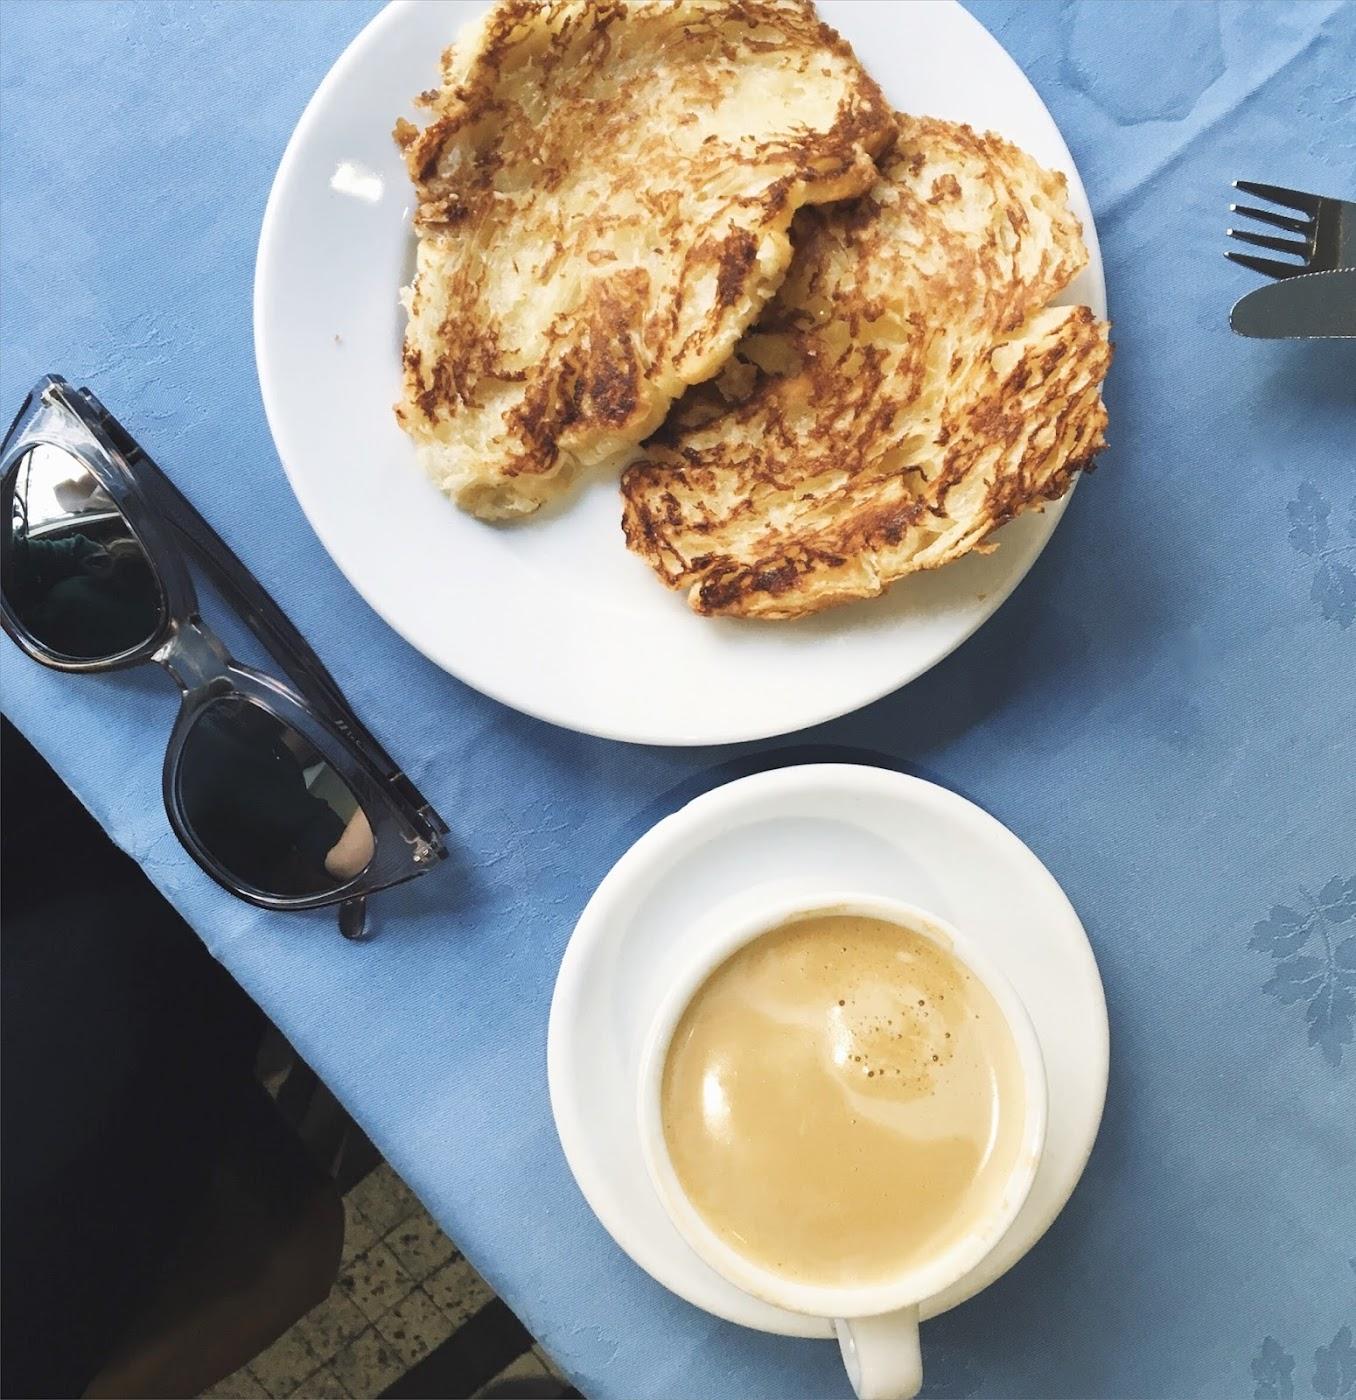 Breakfast at La Mallorquina, La Mallorquina, desayuno en La Mallorquina, Le Specs